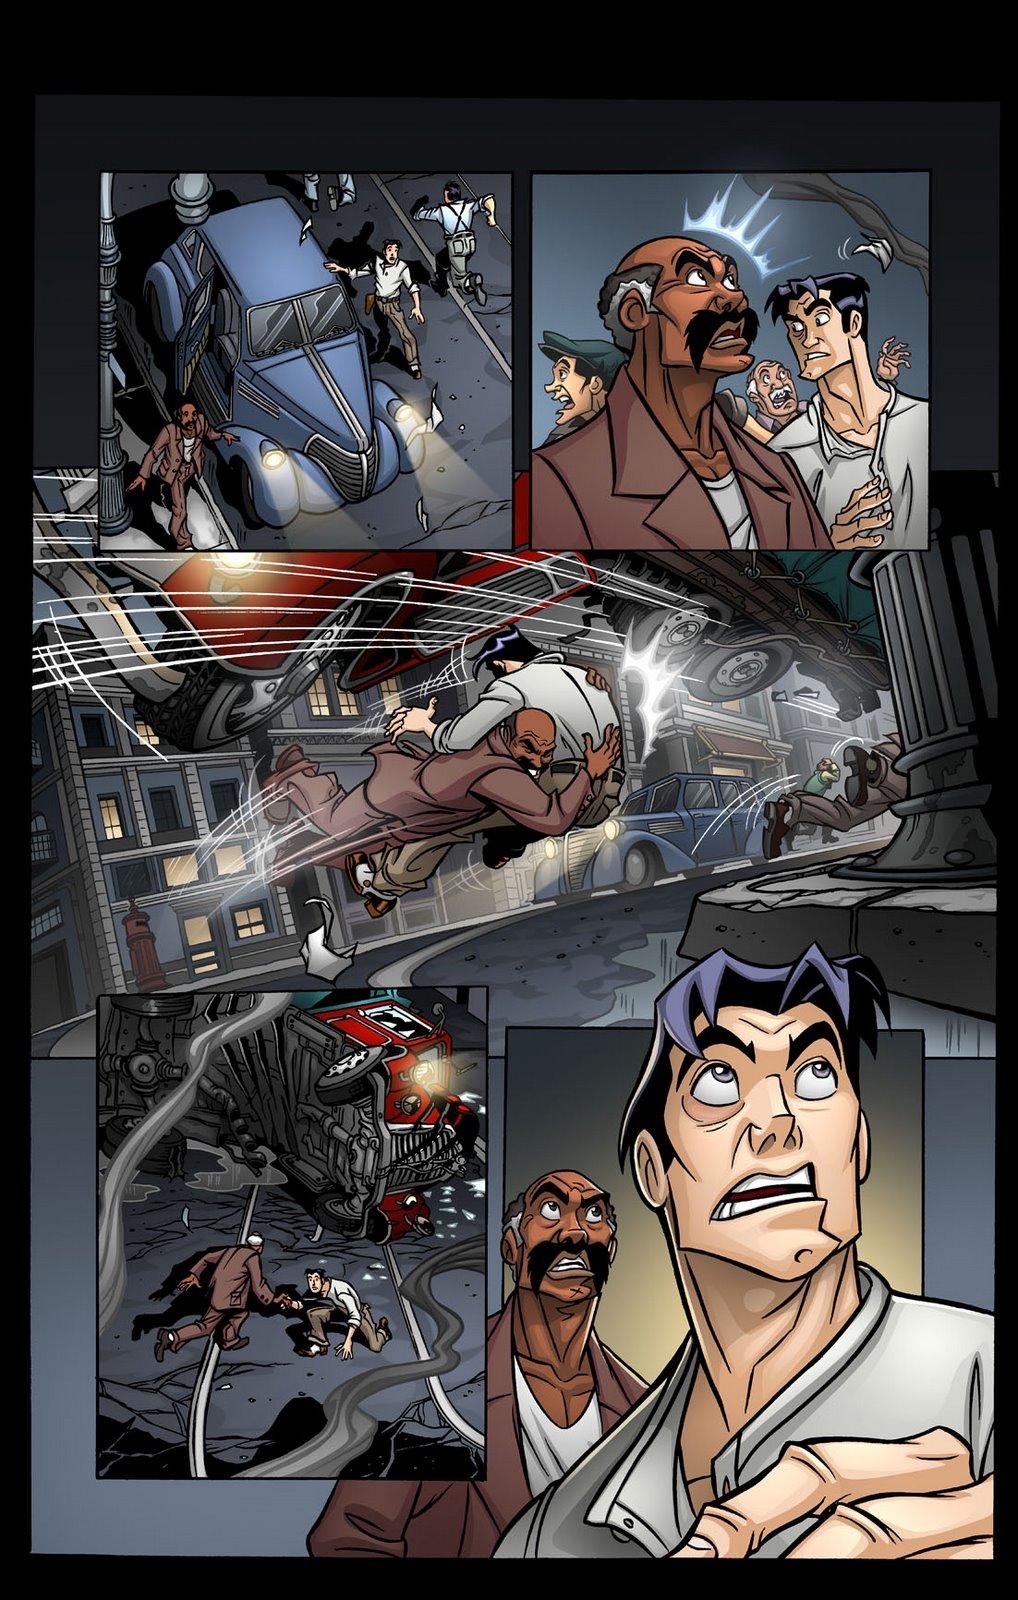 Coloreados en paginas de Comics.